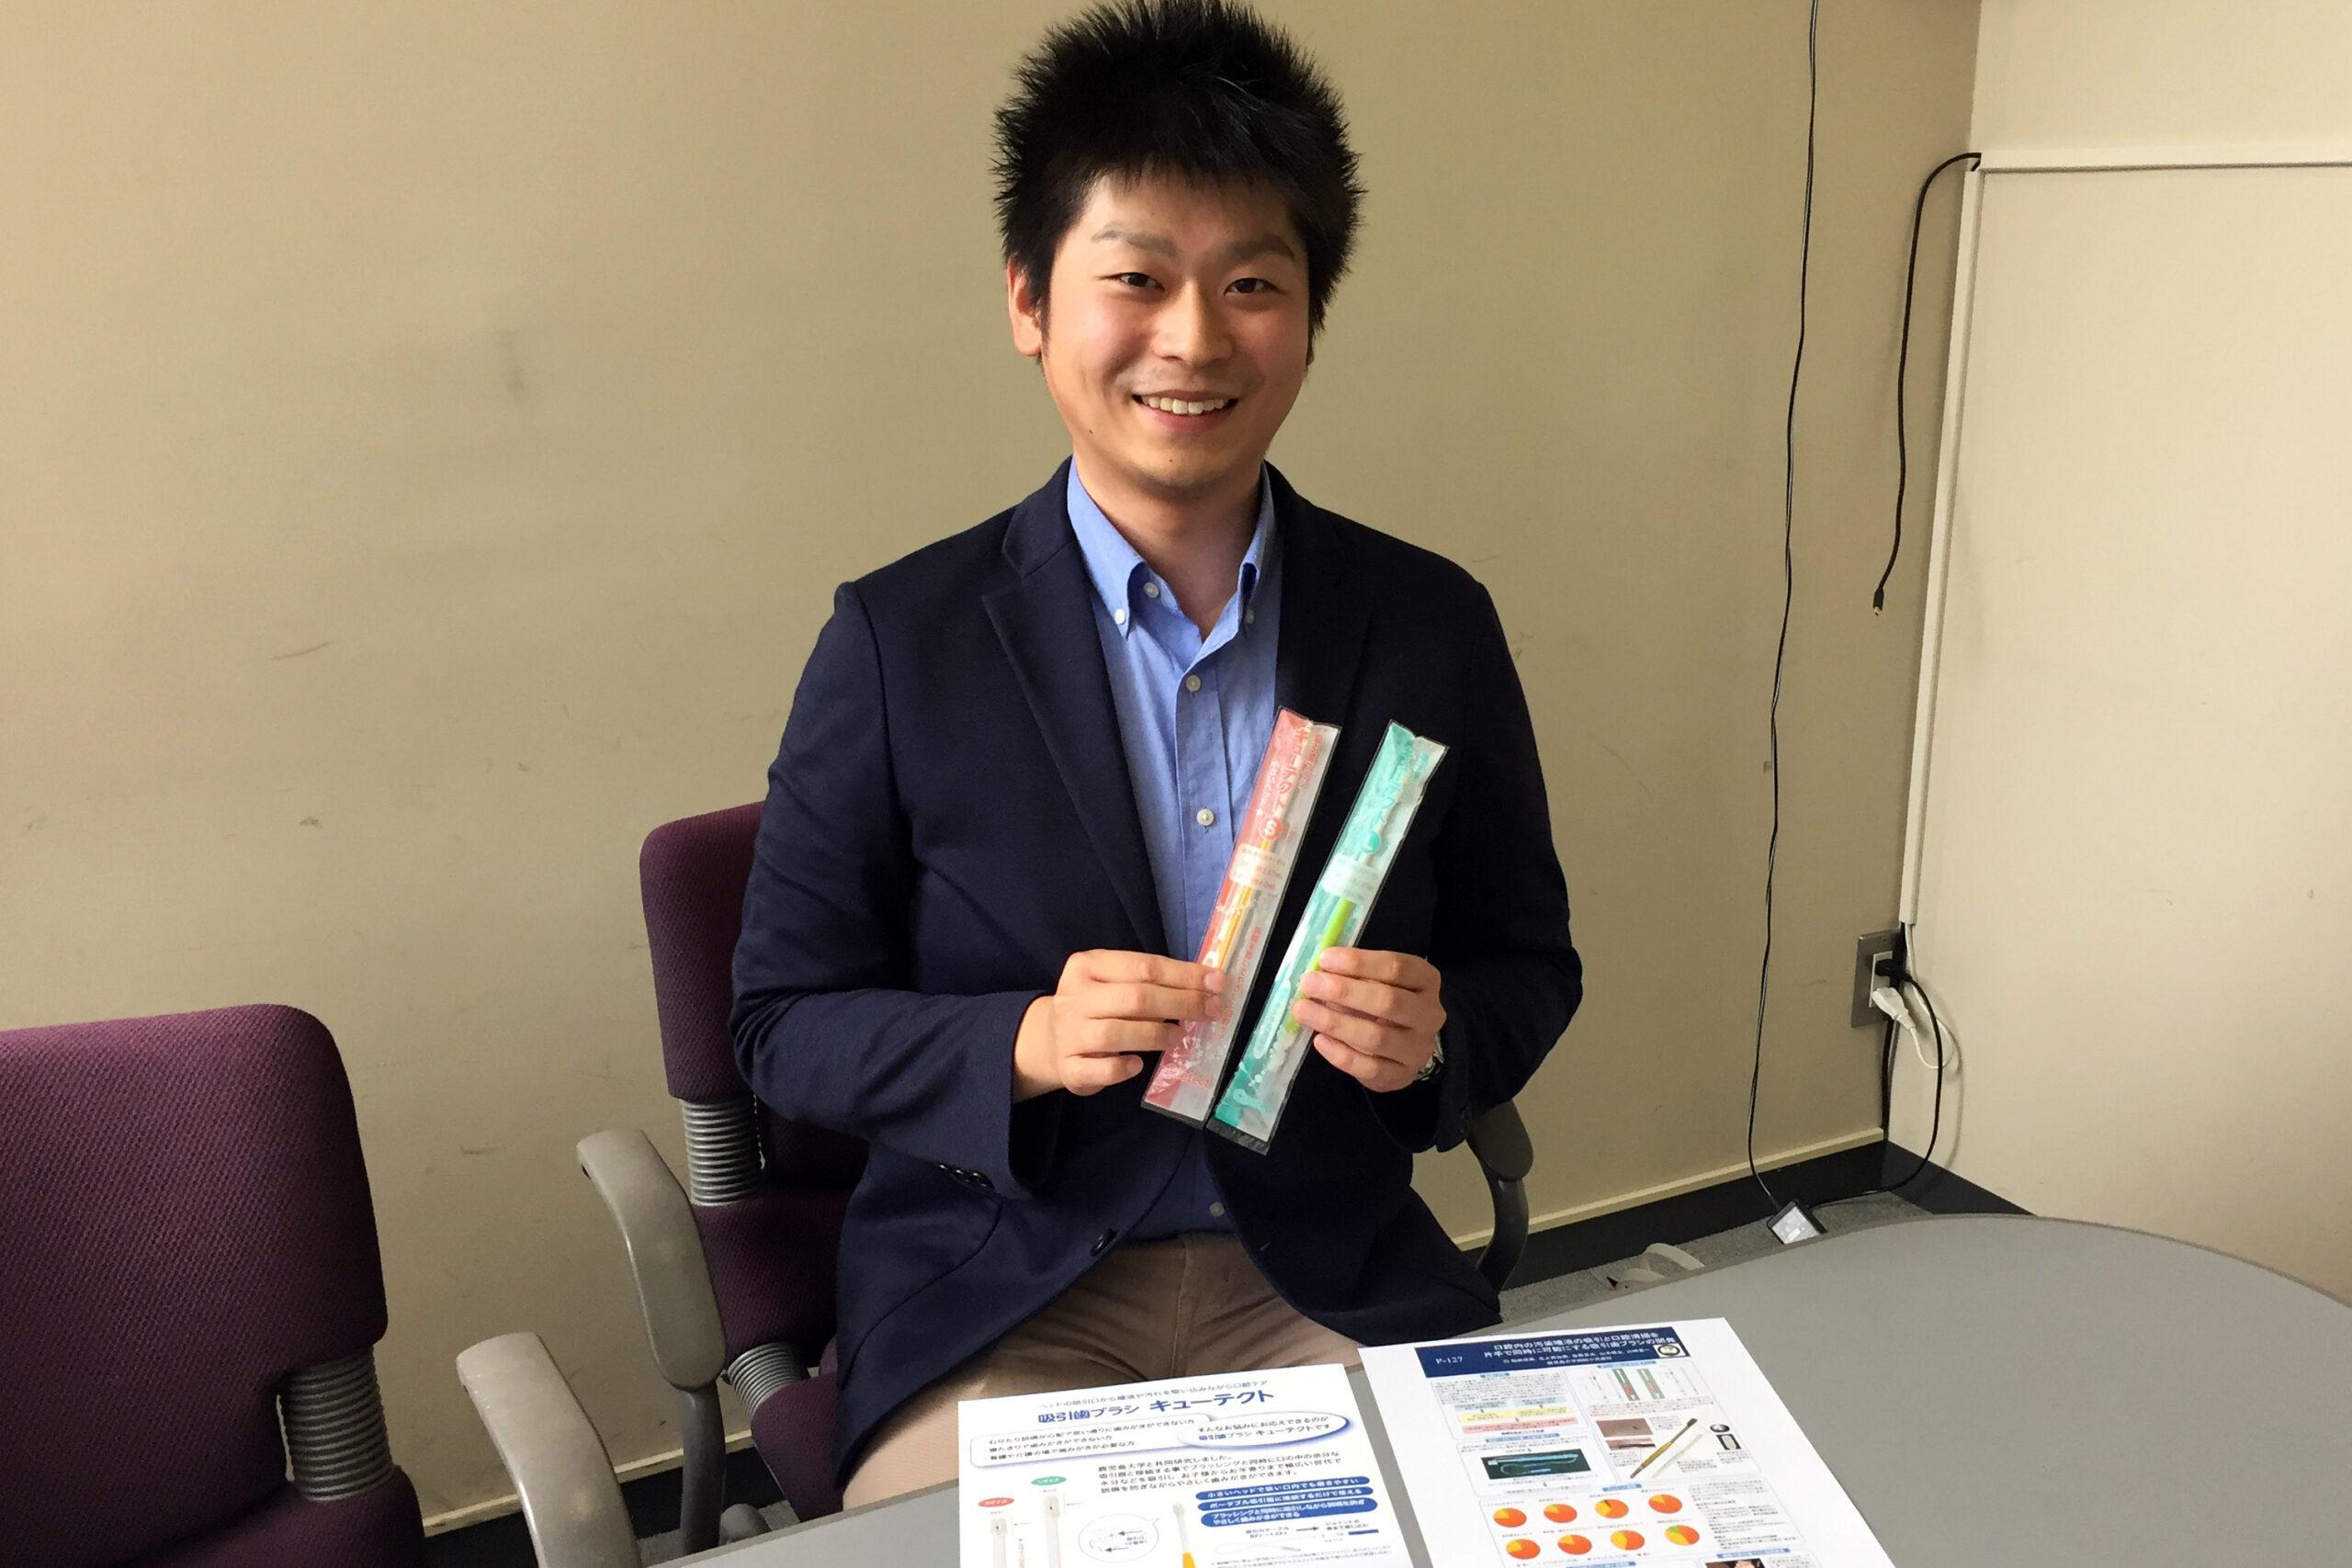 【卒業生リレー・エッセイ43】~障がい者のための吸引歯ブラシを開発した小池航さん~